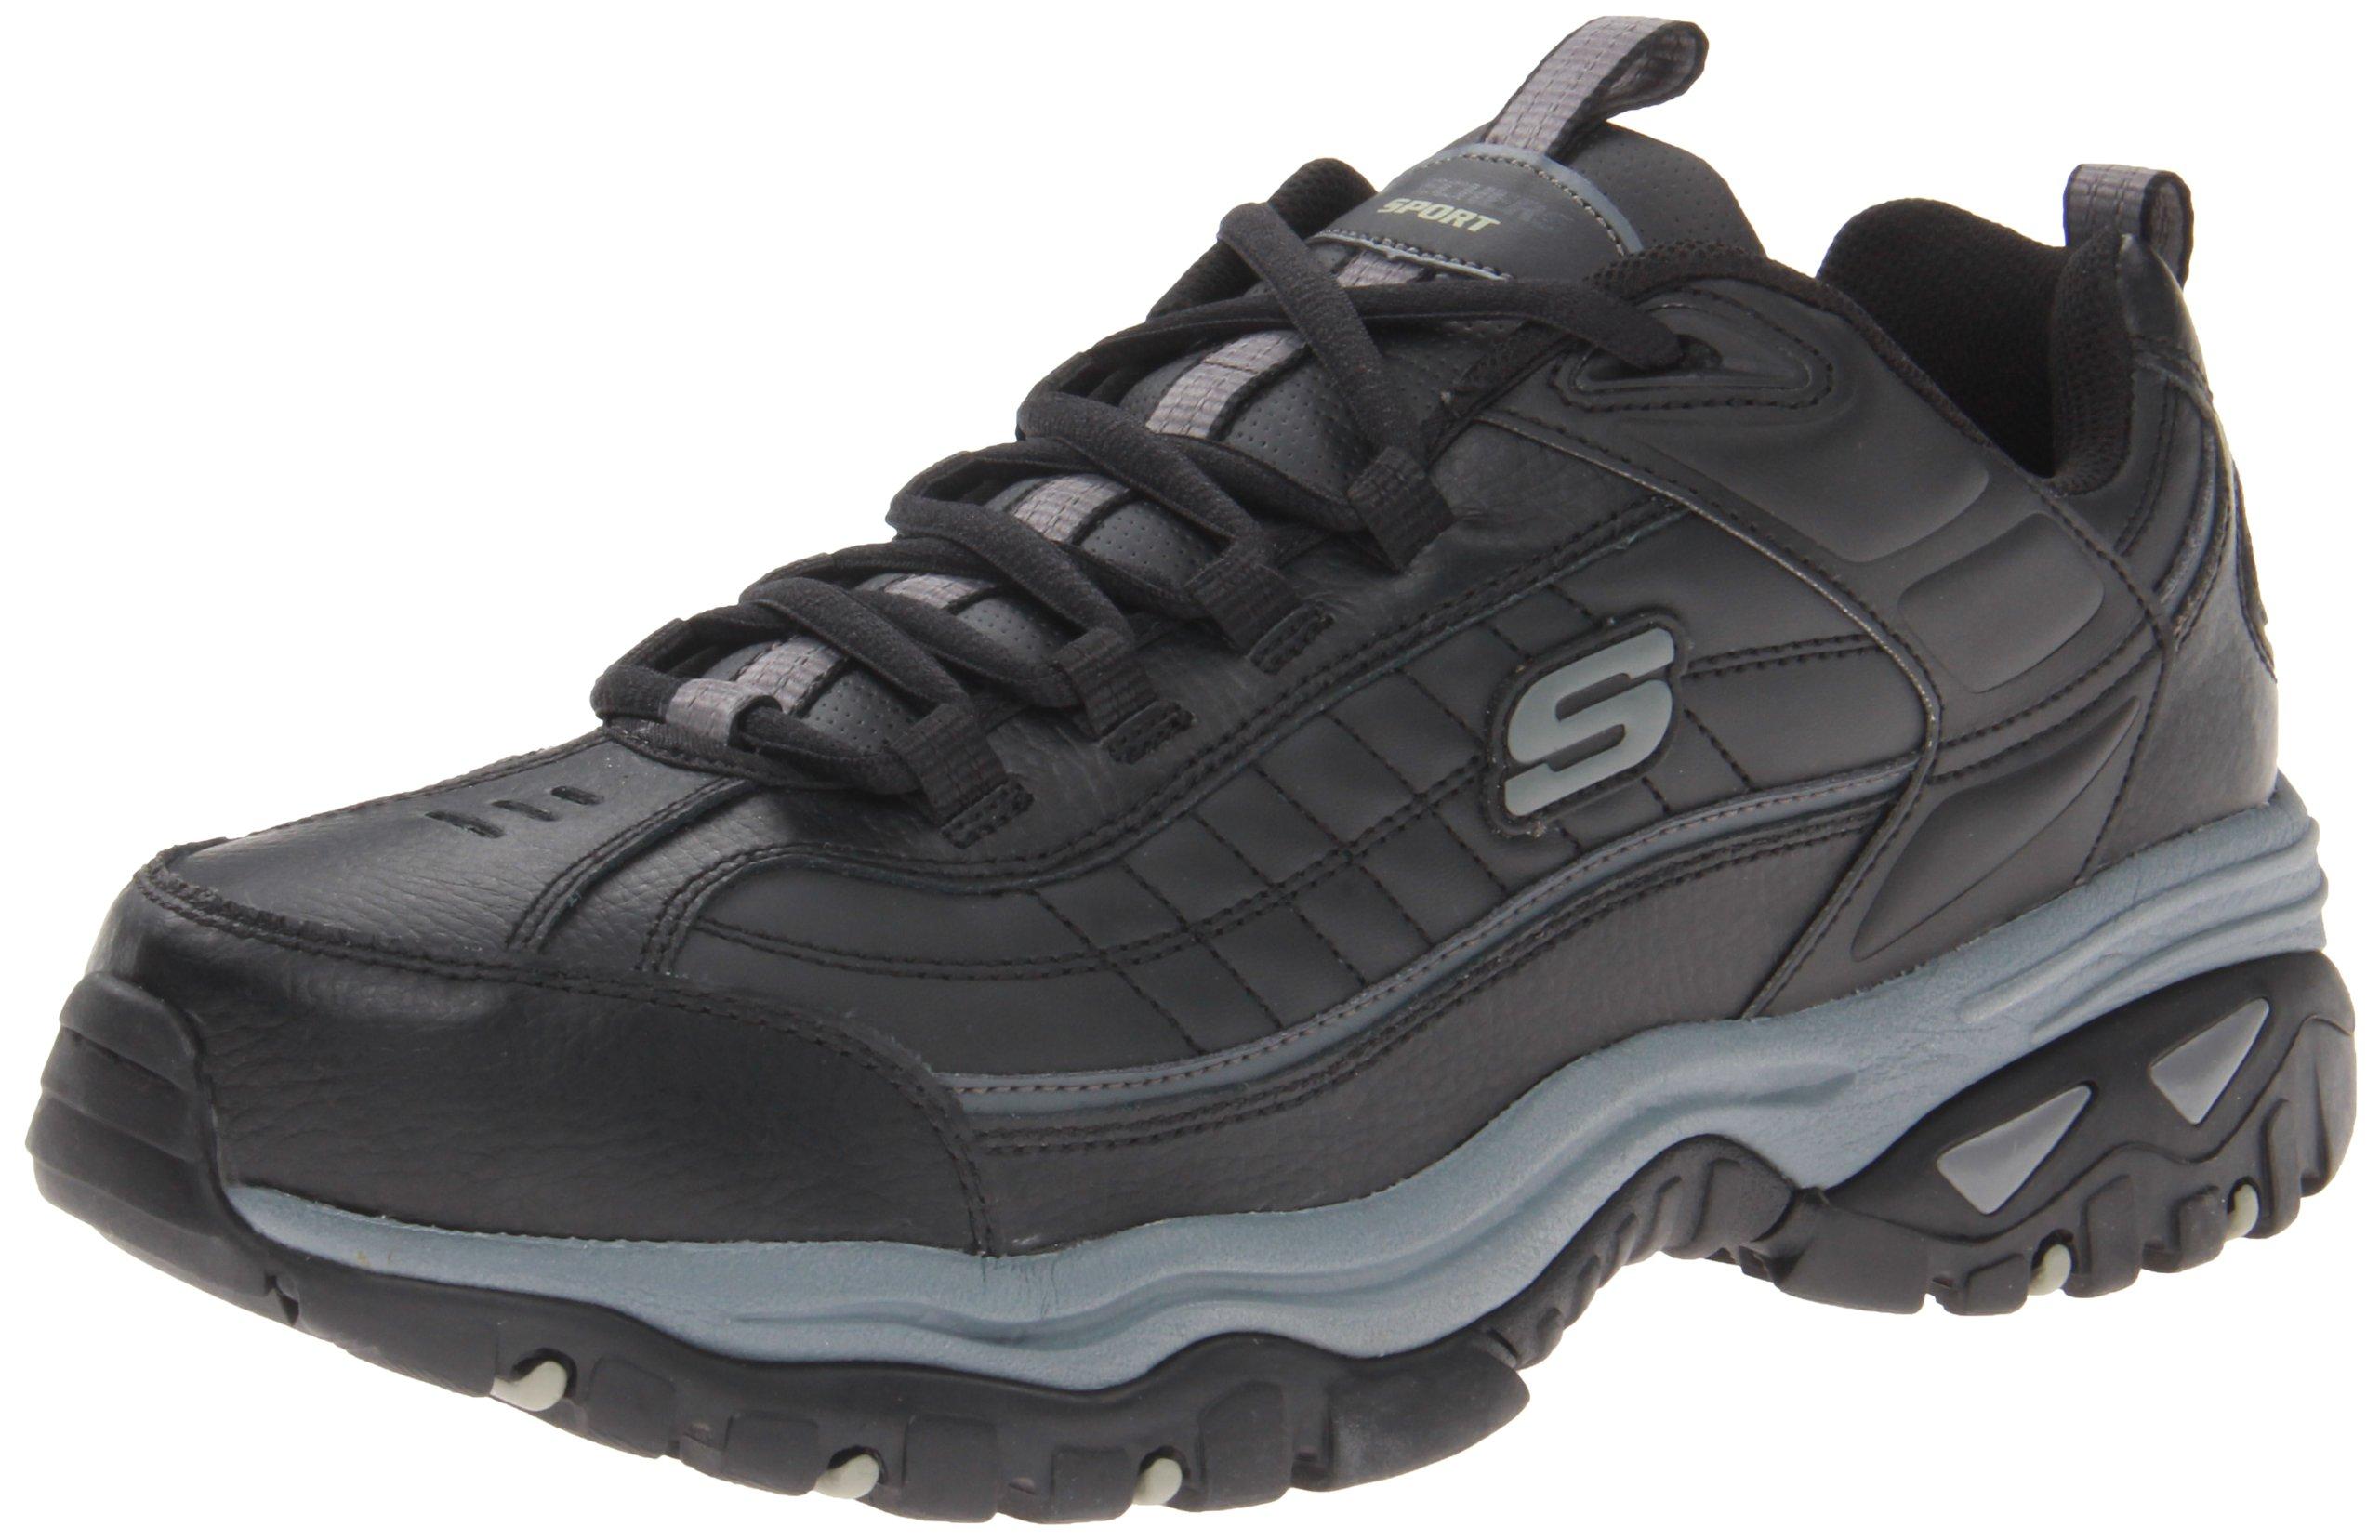 Skechers Sport Men's Energy Afterburn Lace-Up Sneaker,Black/Gray,8.5 XW US by Skechers